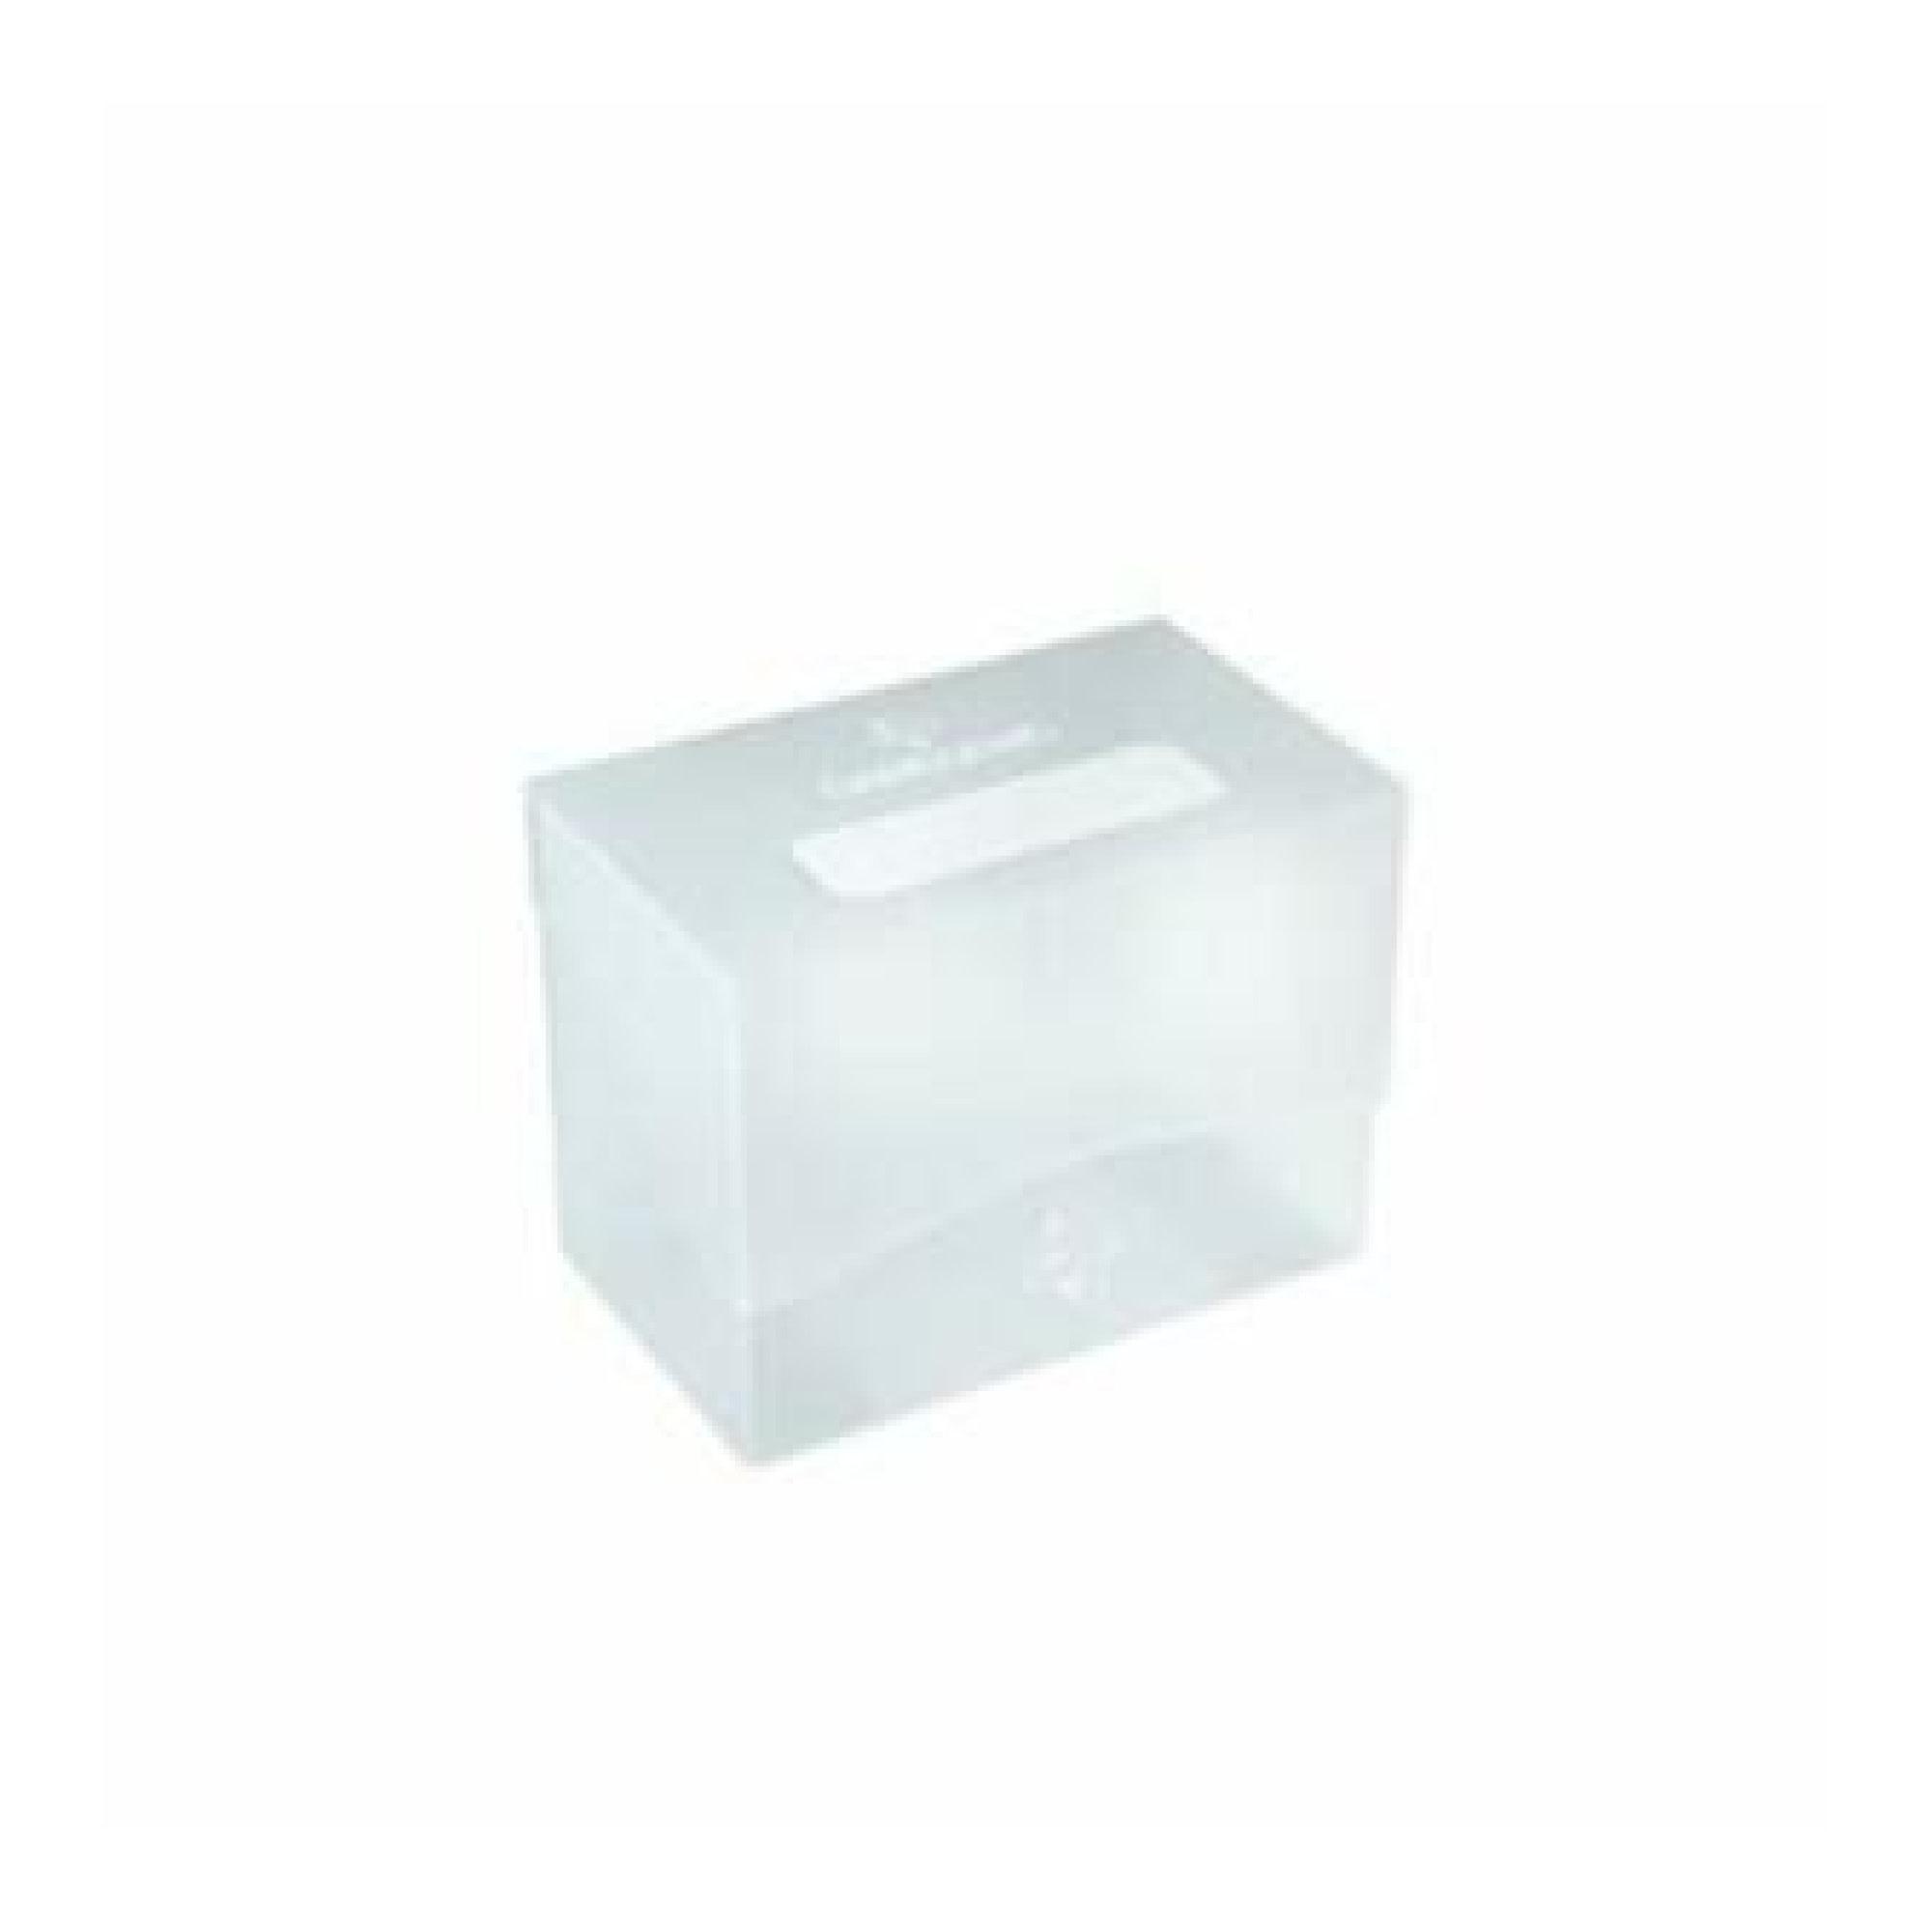 Gamegen!c Deck Box: Side Holder Clear (80ct)